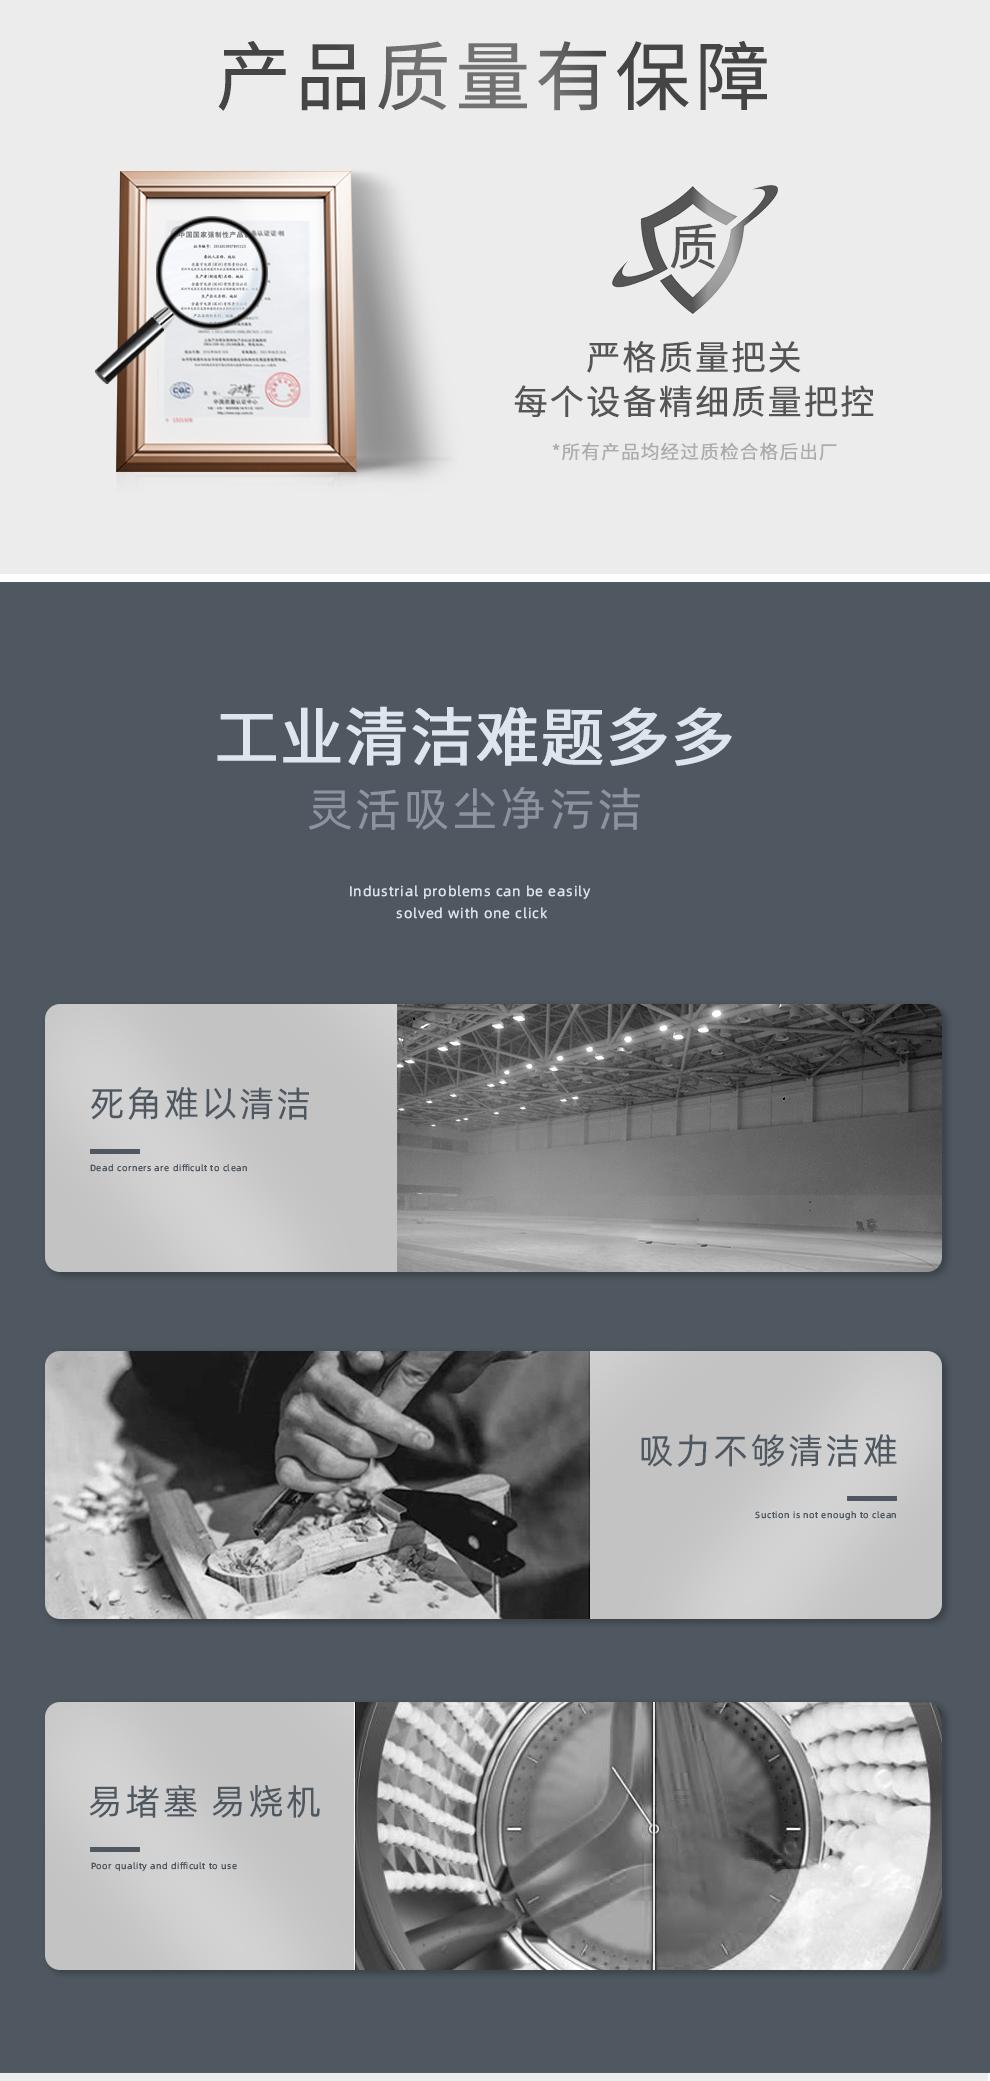 DJ/鼎洁盛世1650S驾驶式工业吸尘器电动工业吸尘车12